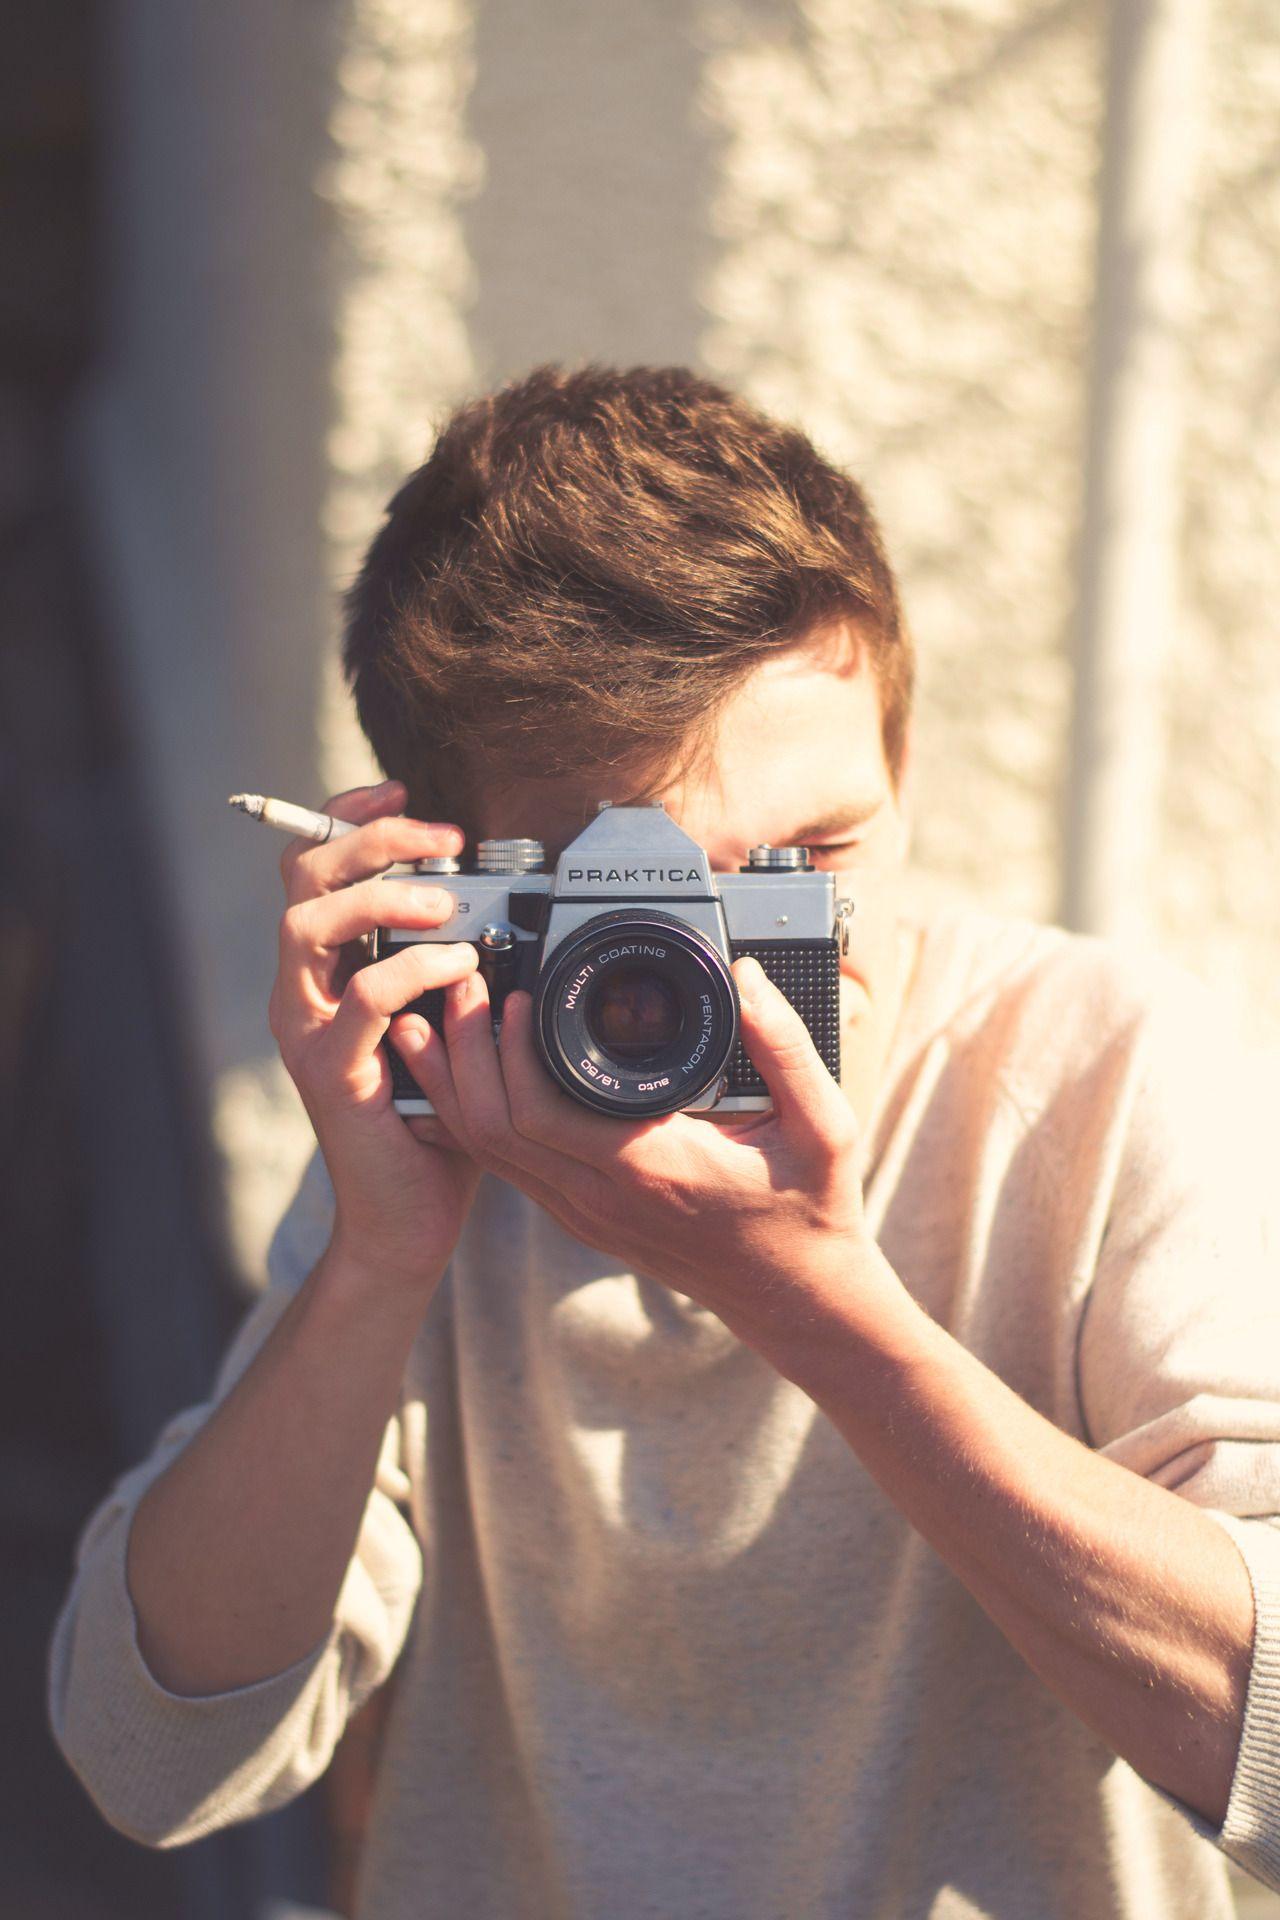 praktica via moodacris holding references camera photography